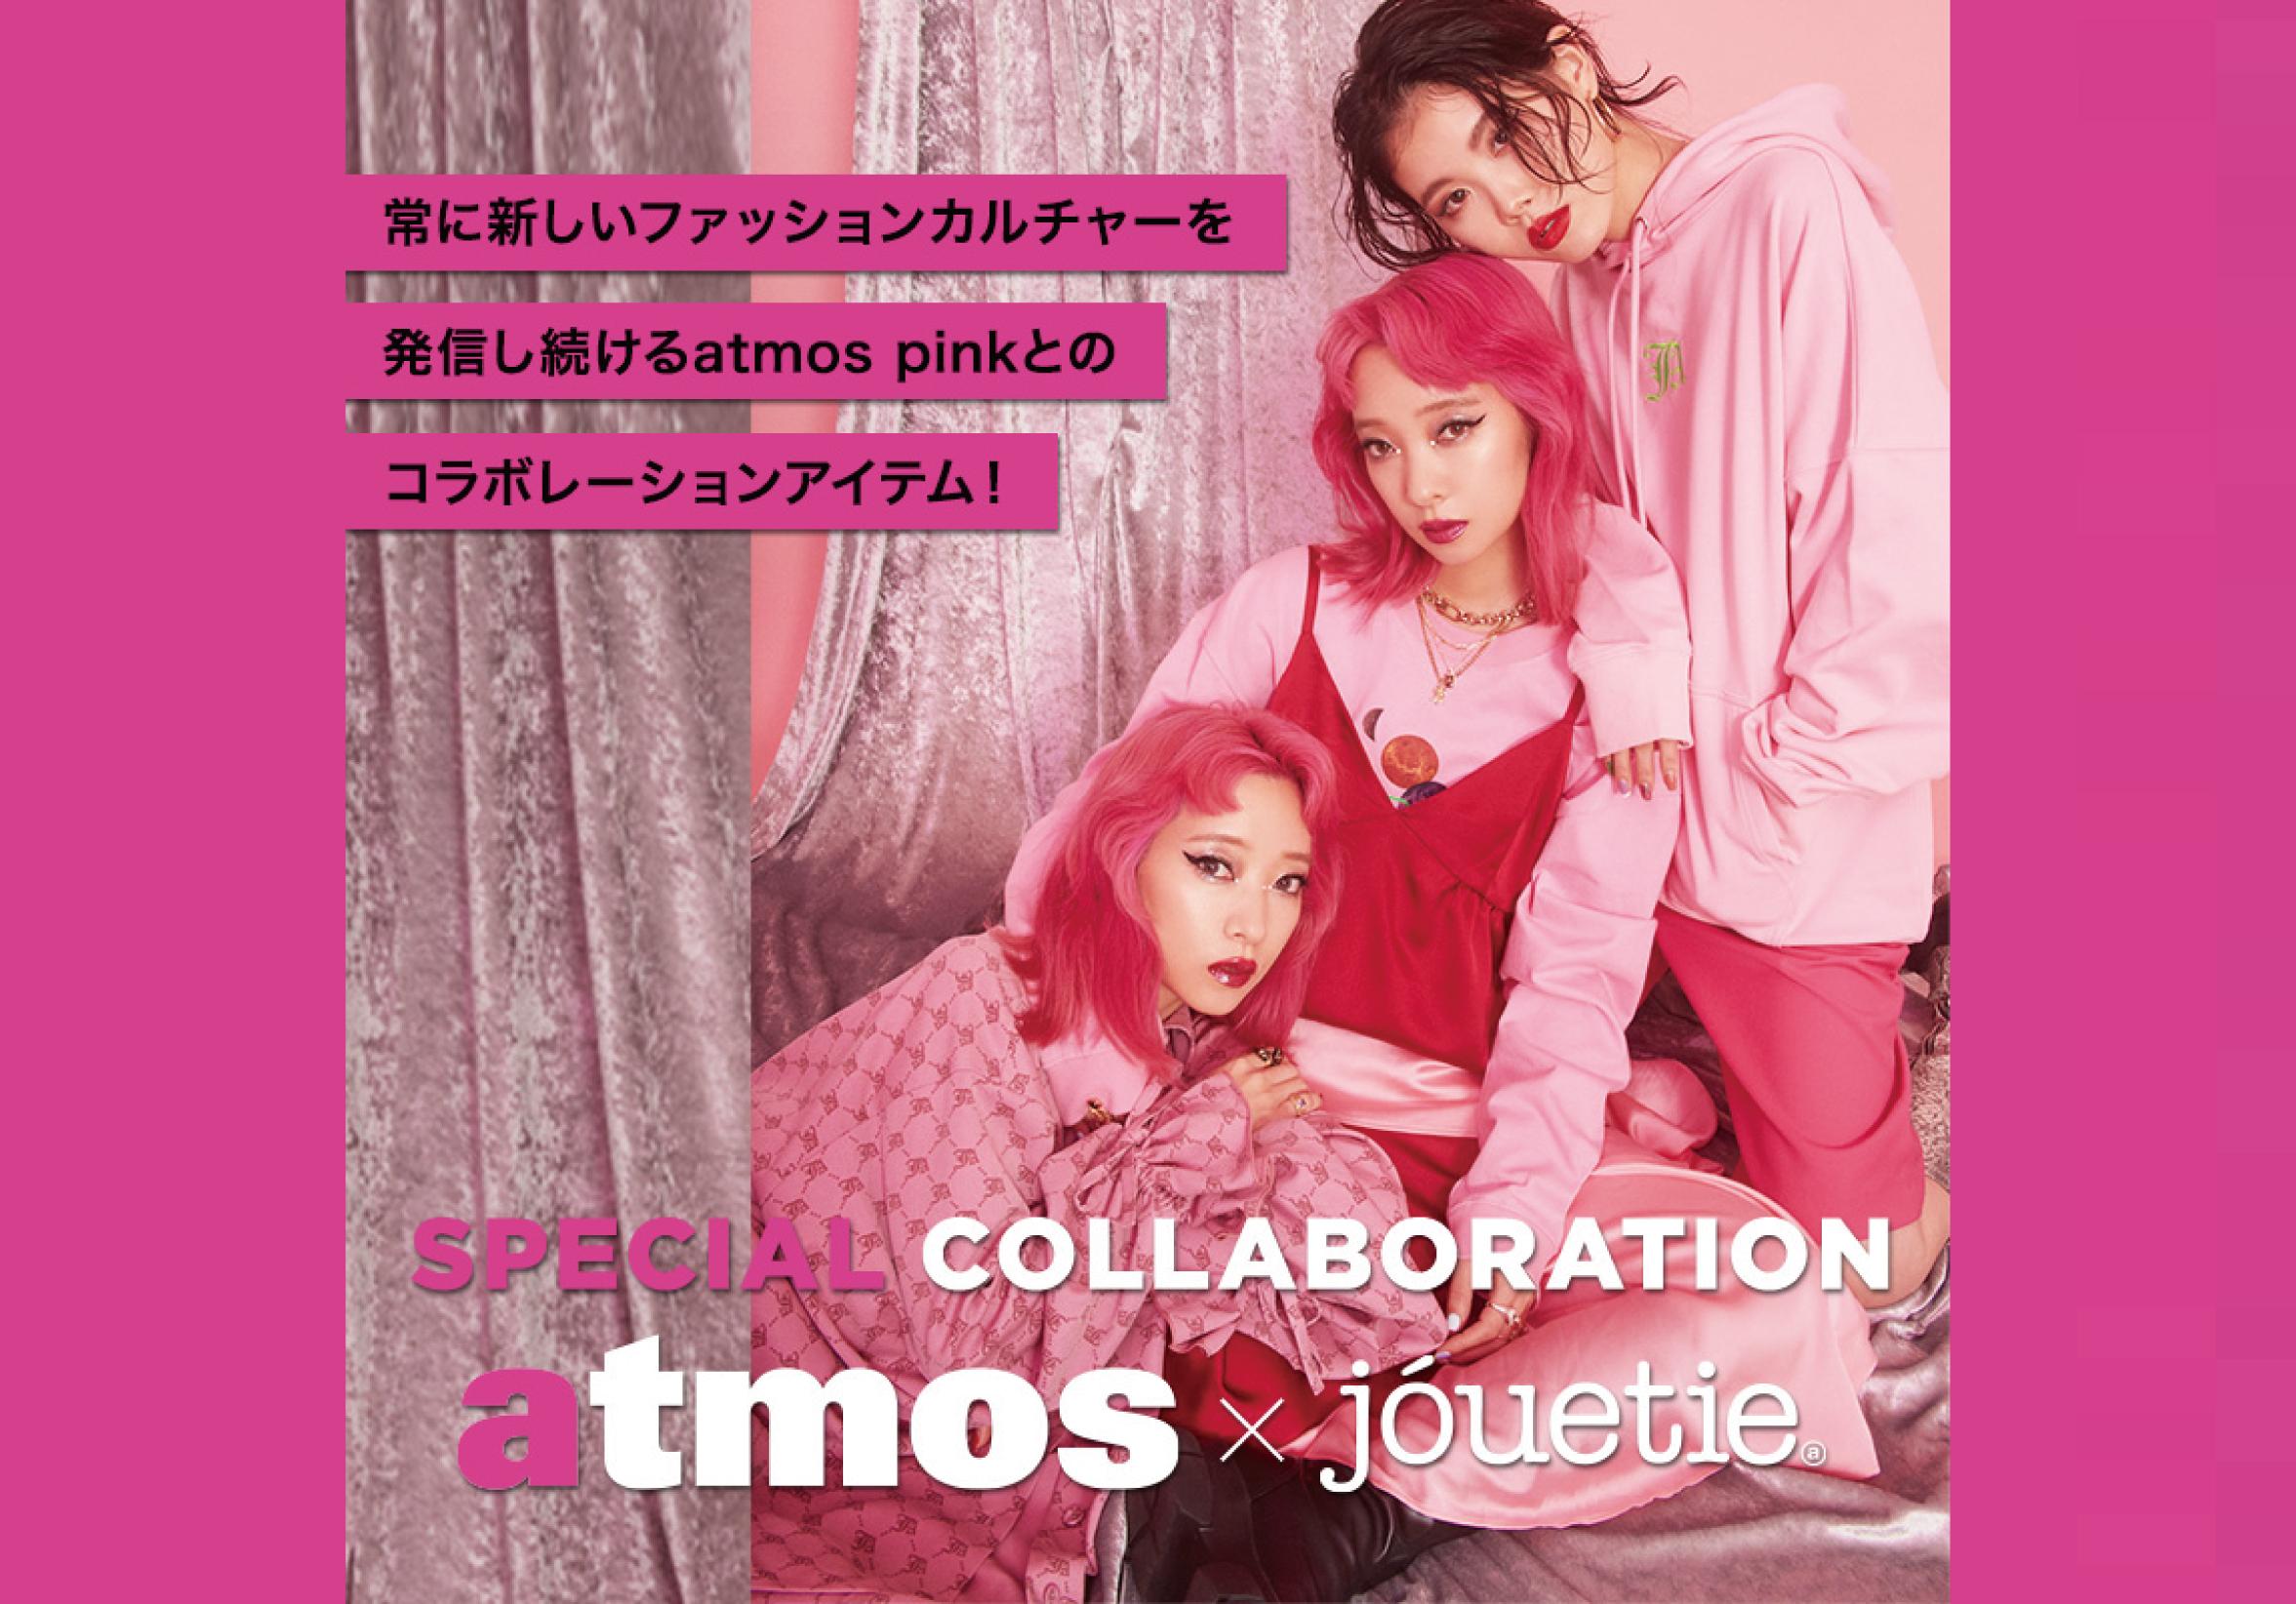 【ATMOS×jouetie PRE ORDER】